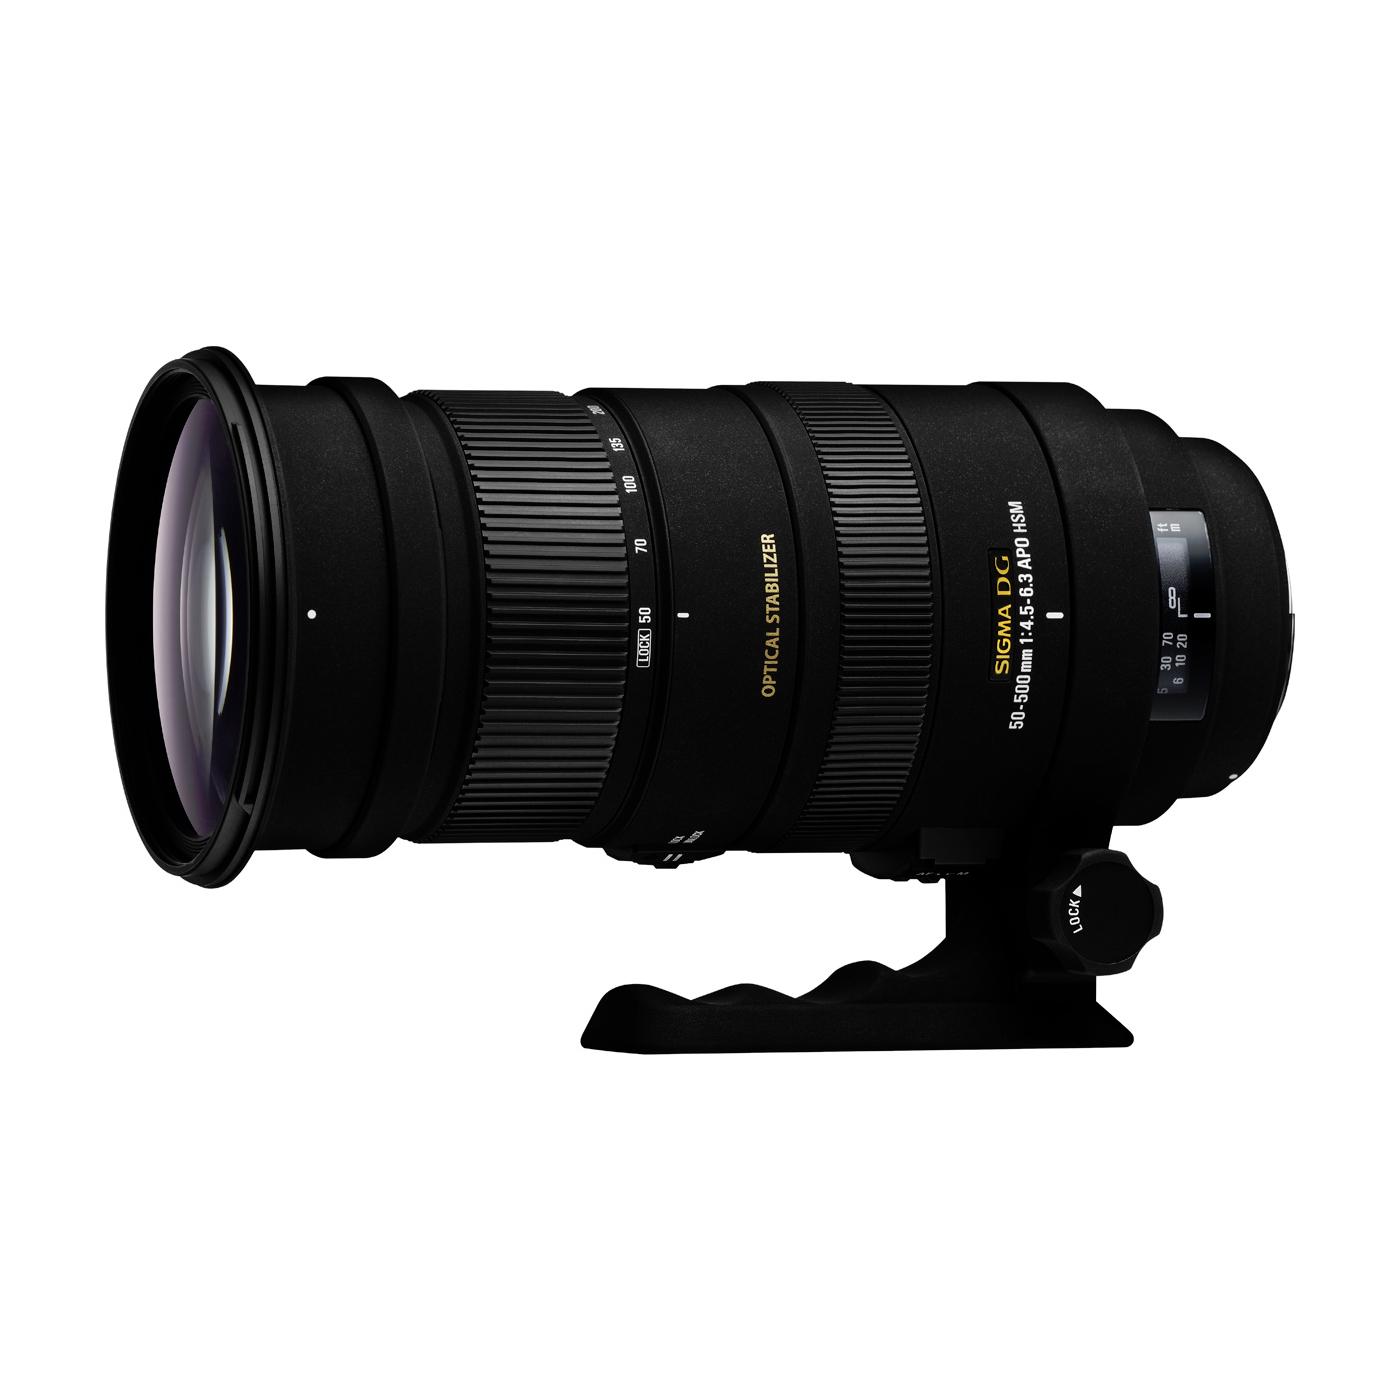 Sigma 50-500/4,5-6,3 APO DG HSM OS Nikon